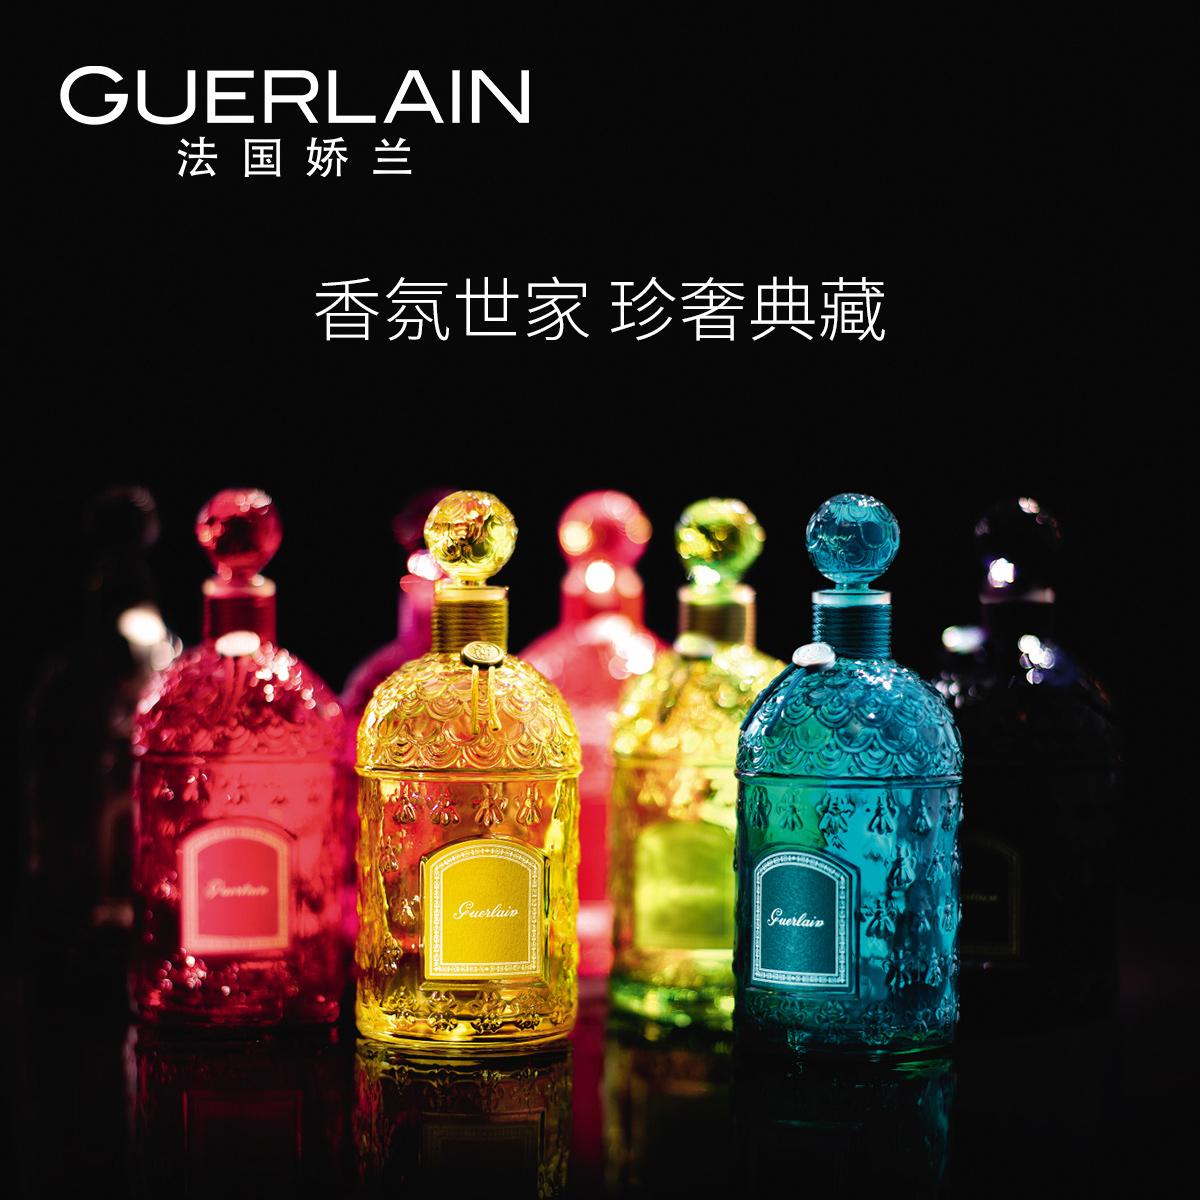 嬌蘭彩色蜂印瓶 經典香水高定珍藏版 持久自然 正品